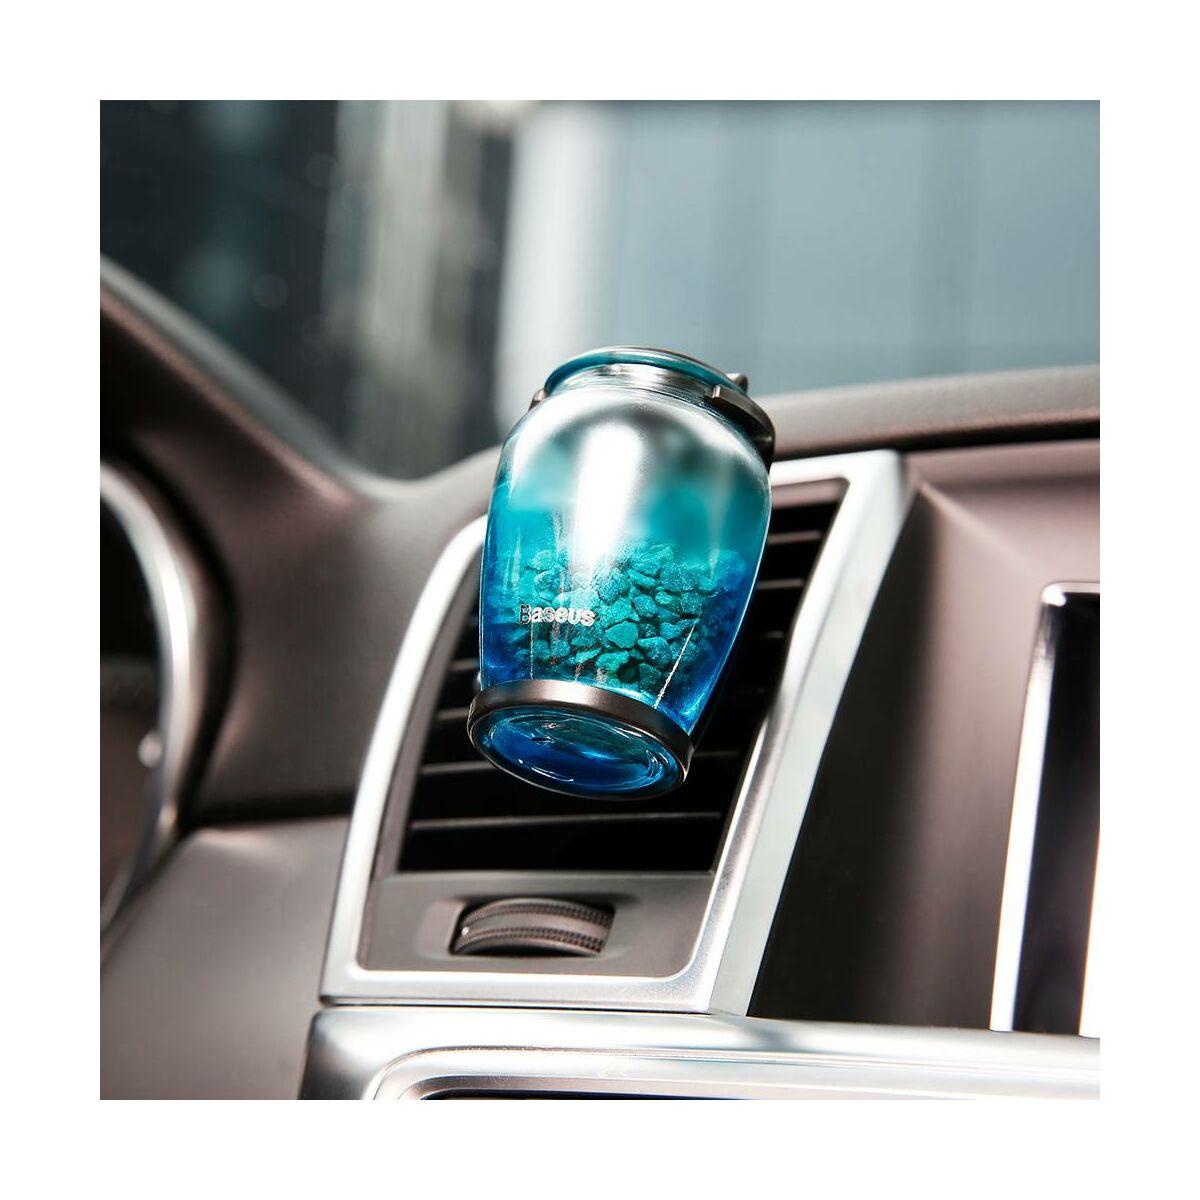 Baseus autós illatosító, Zeolite üveg + csiptető + illatanyag (Sea spice + Angel spice), kék (AMROU-03)